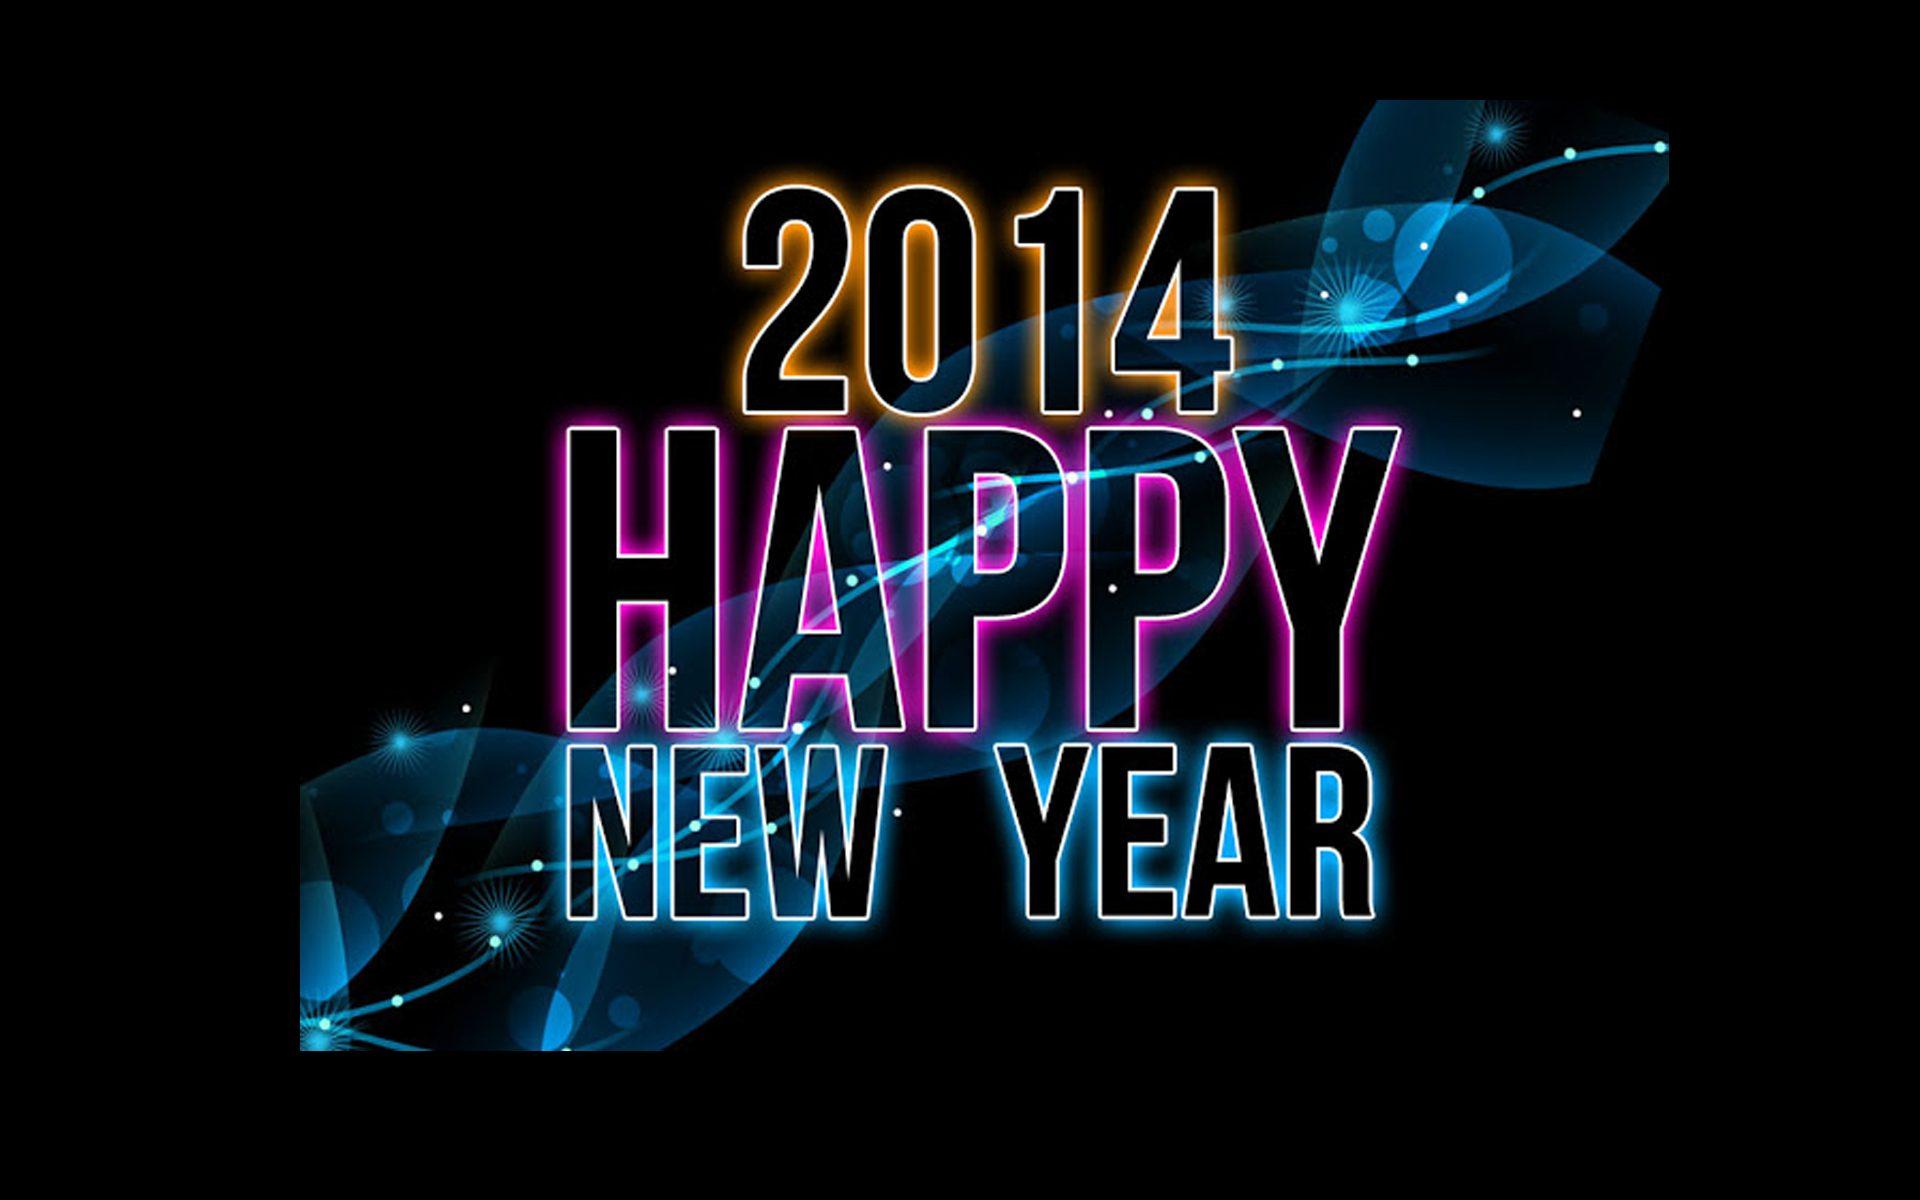 new-years-2014-wallpaper-14552-14552.jpg